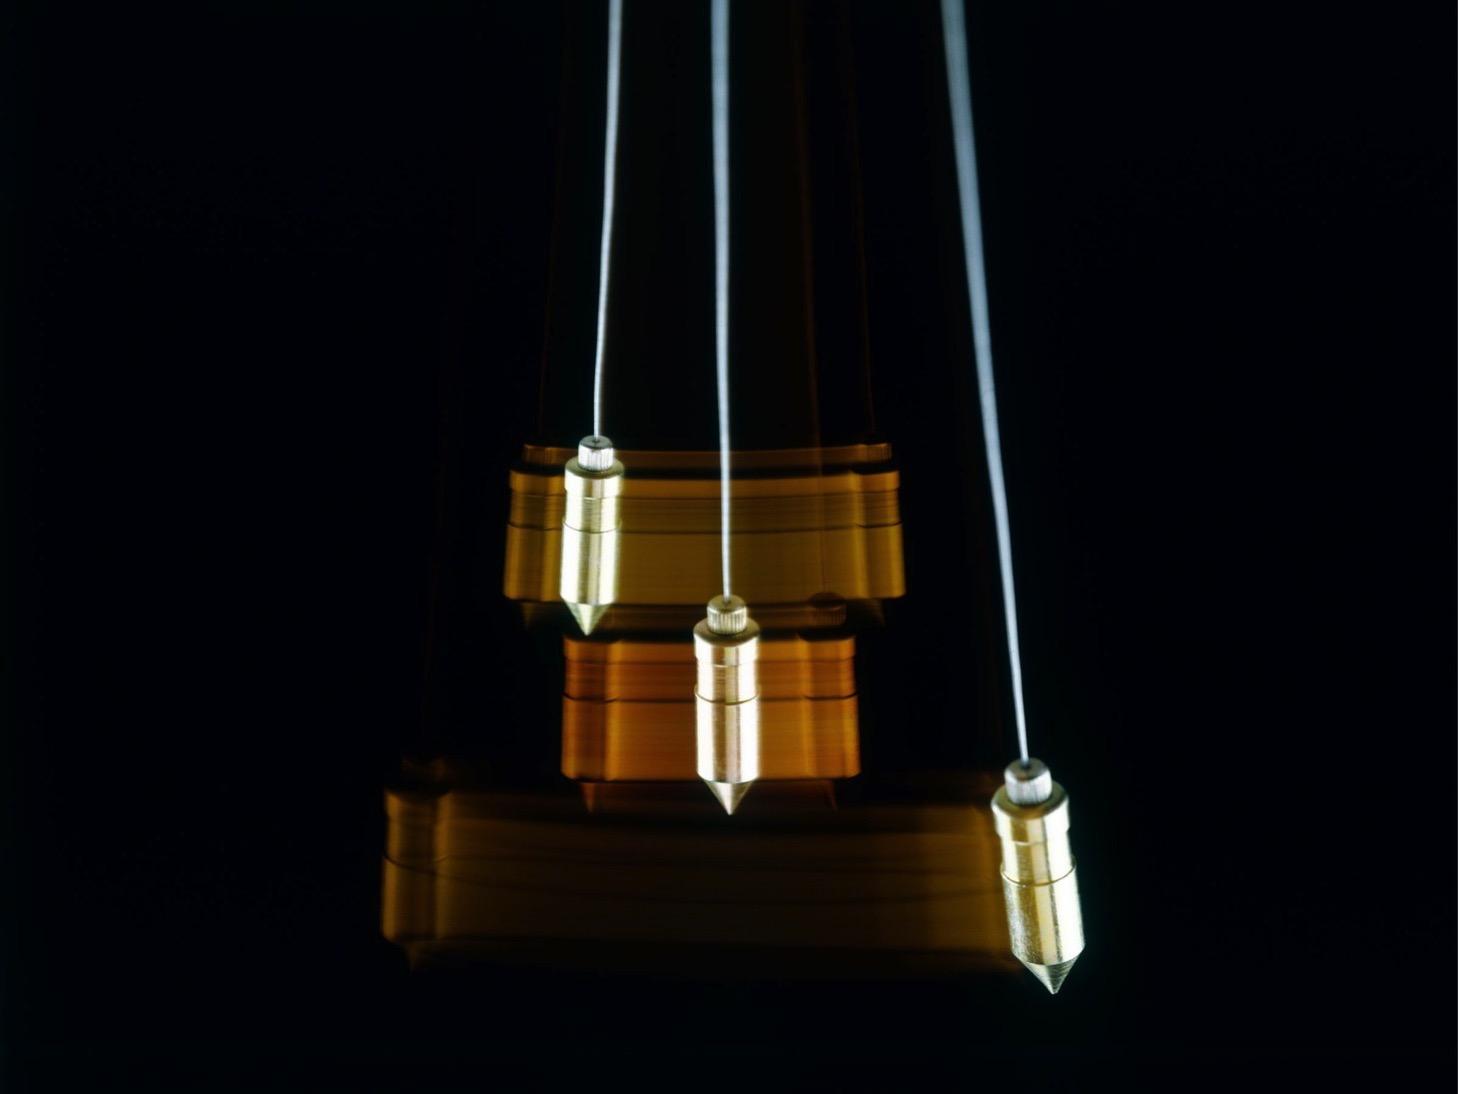 PendulumTA83652817